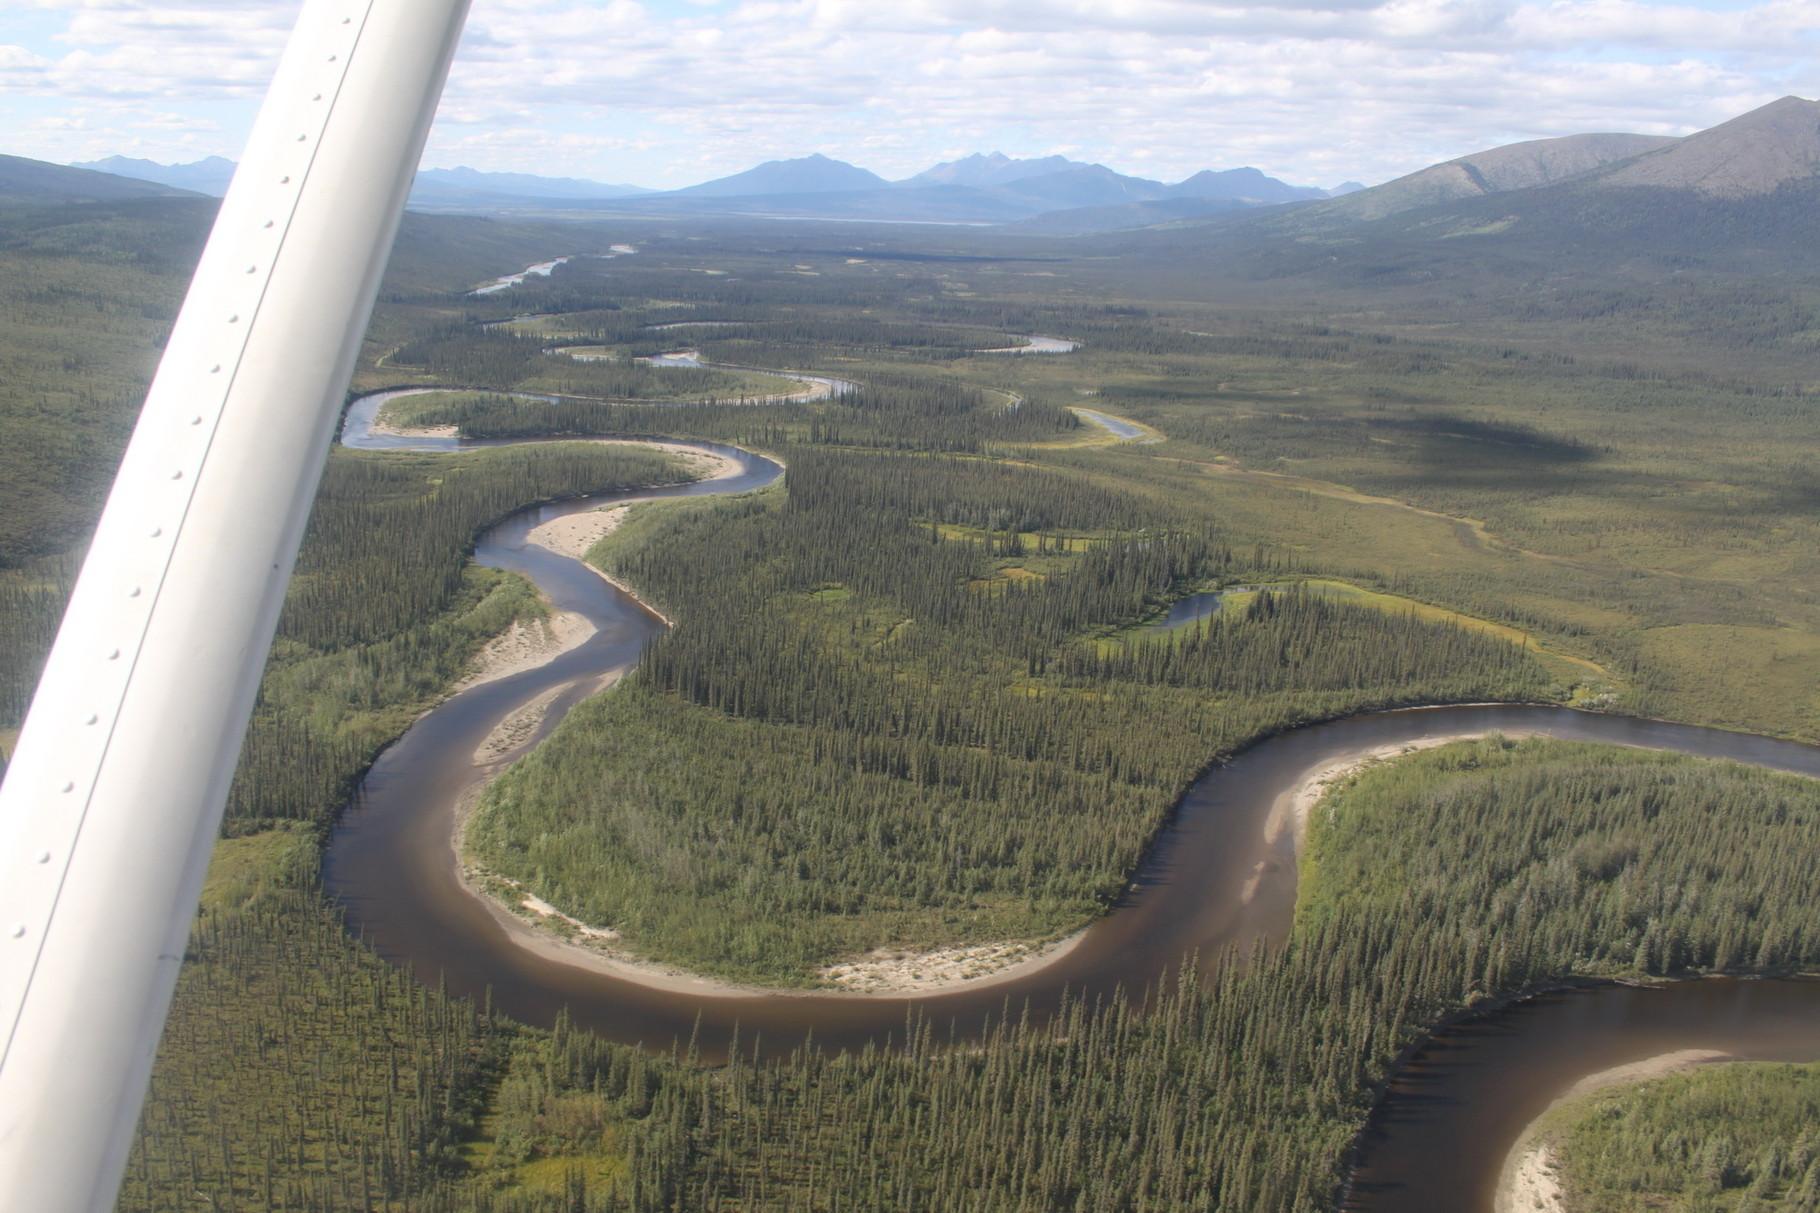 Der Alatna-River vom Flugzeug aus